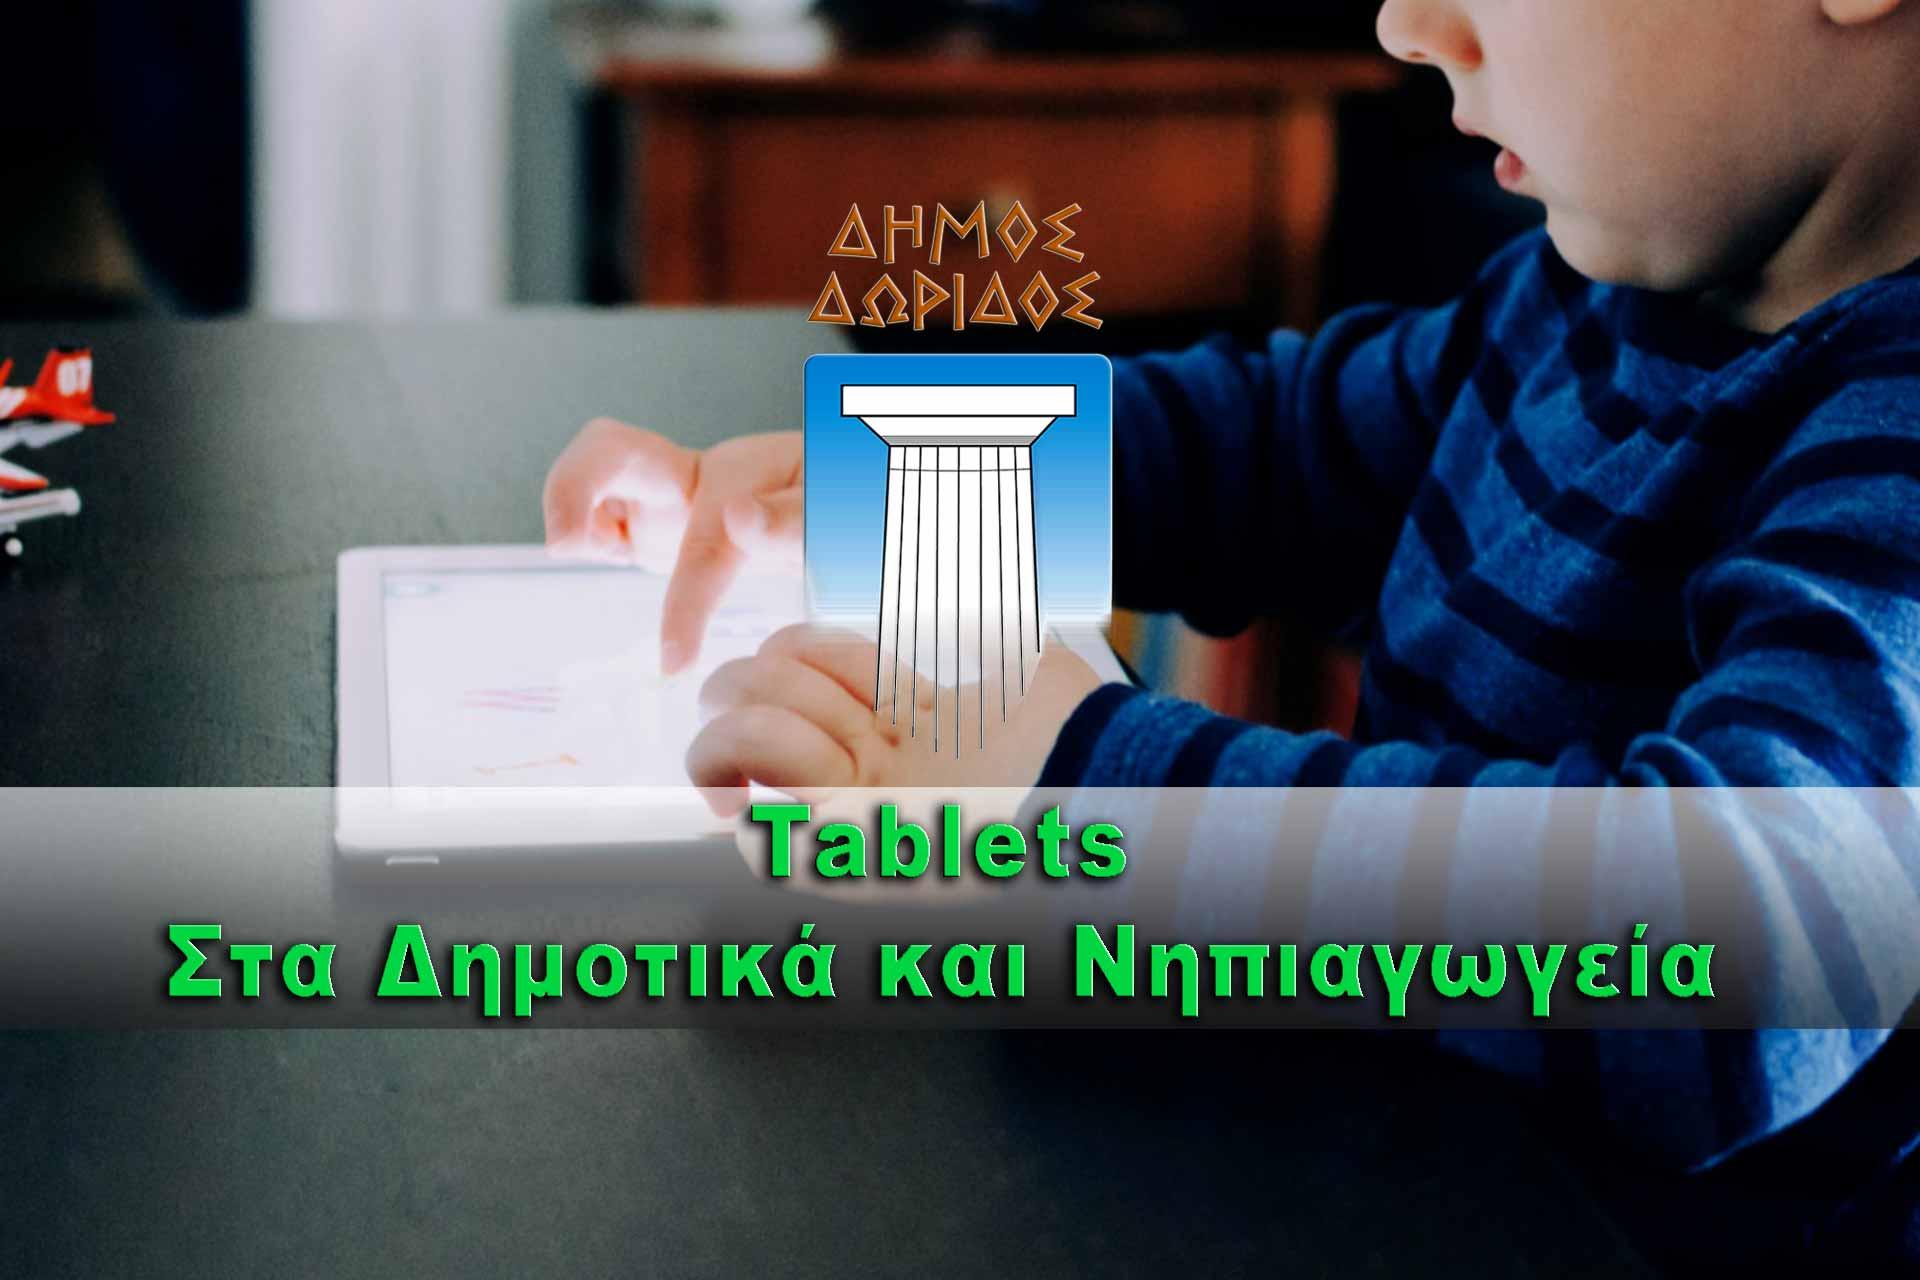 Δήμος Δωρίδος: Tablets στα Δημοτικά και Νηπιαγωγεία